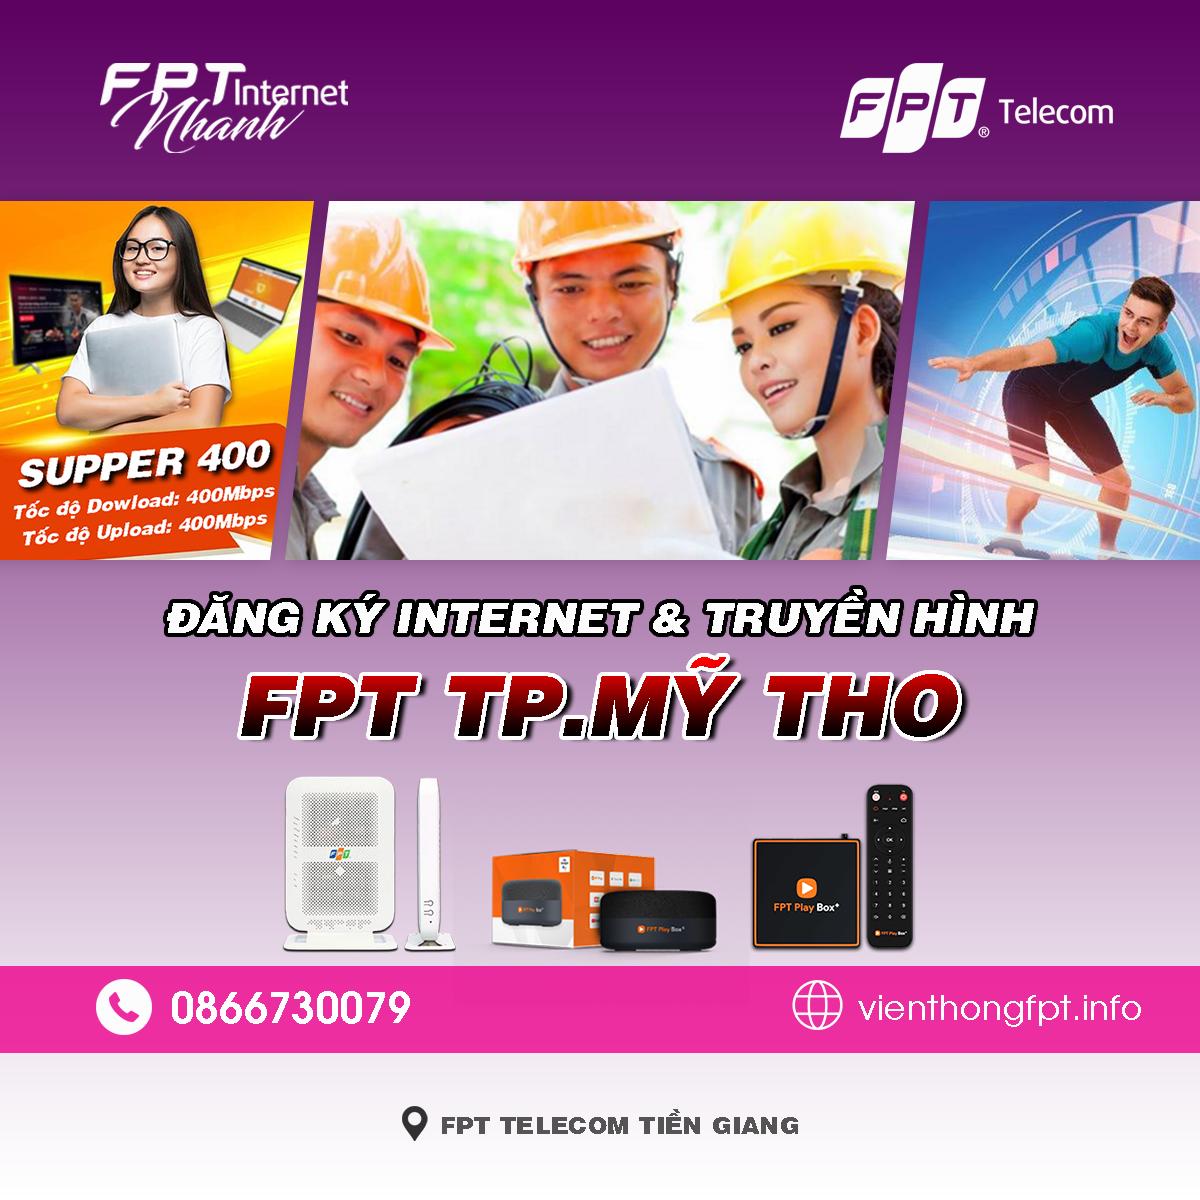 Tổng đài FPT Mỹ Tho - Đơn vị lắp mạng Internet và Truyền hình FPT